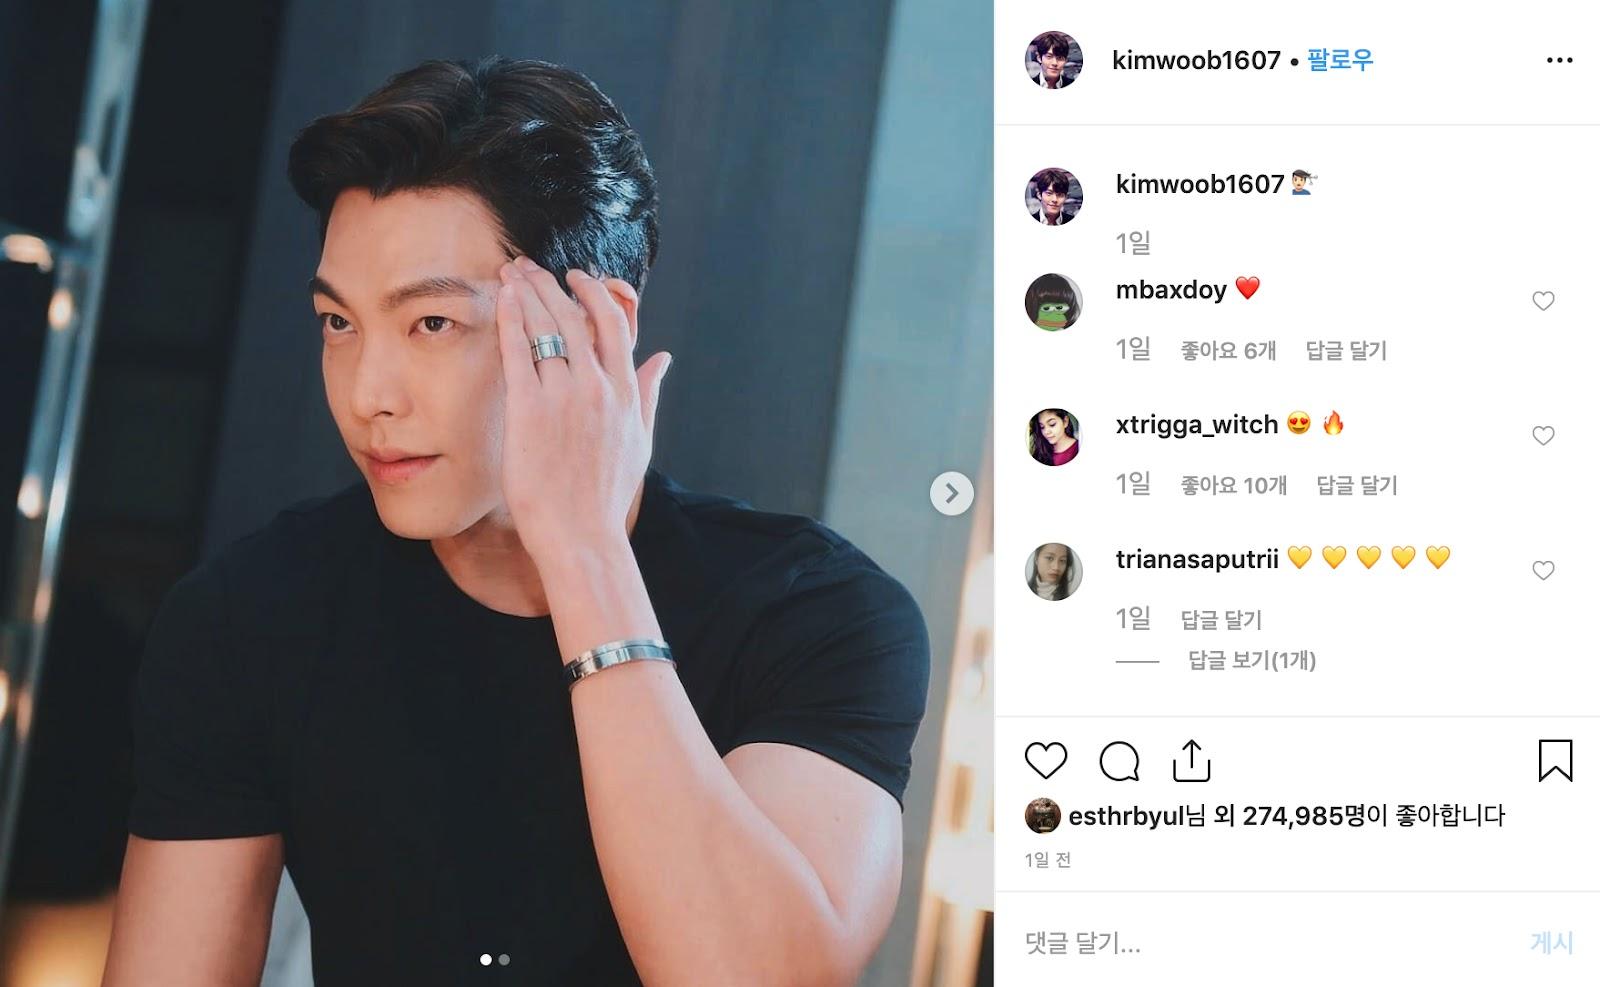 kim woo bin instagram 2